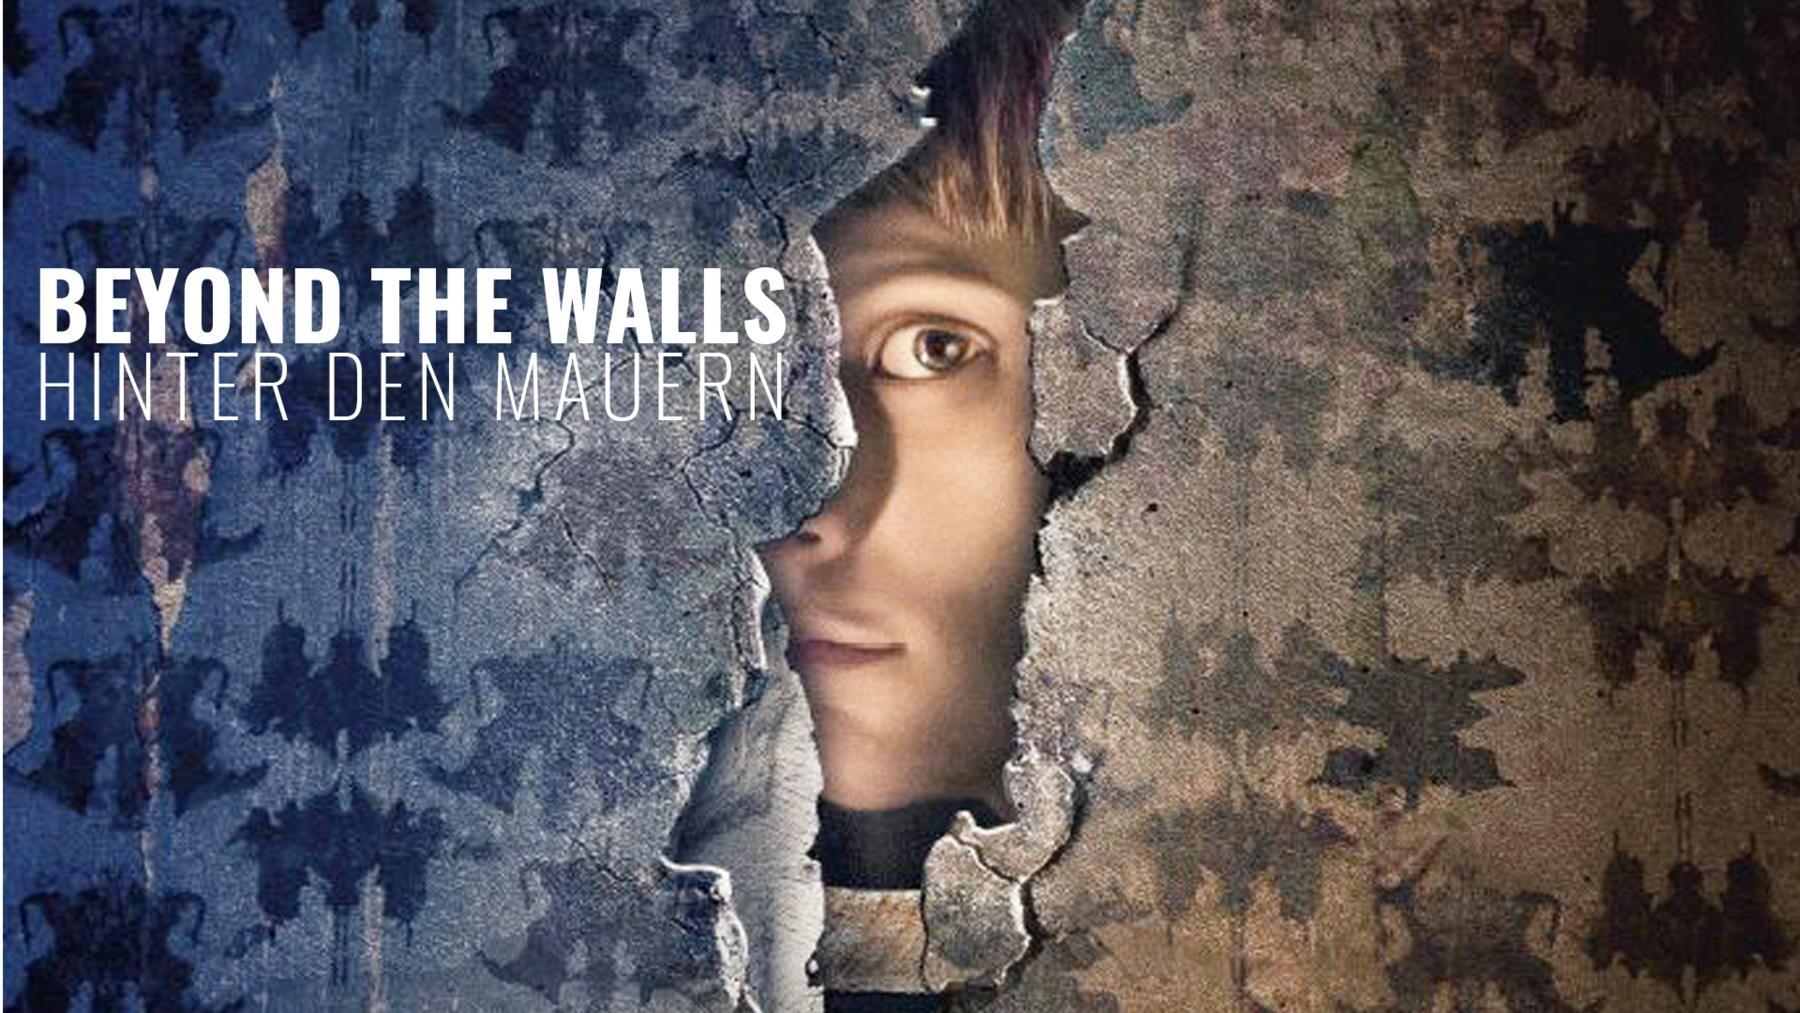 Beyond the Walls - Hinter den Mauern